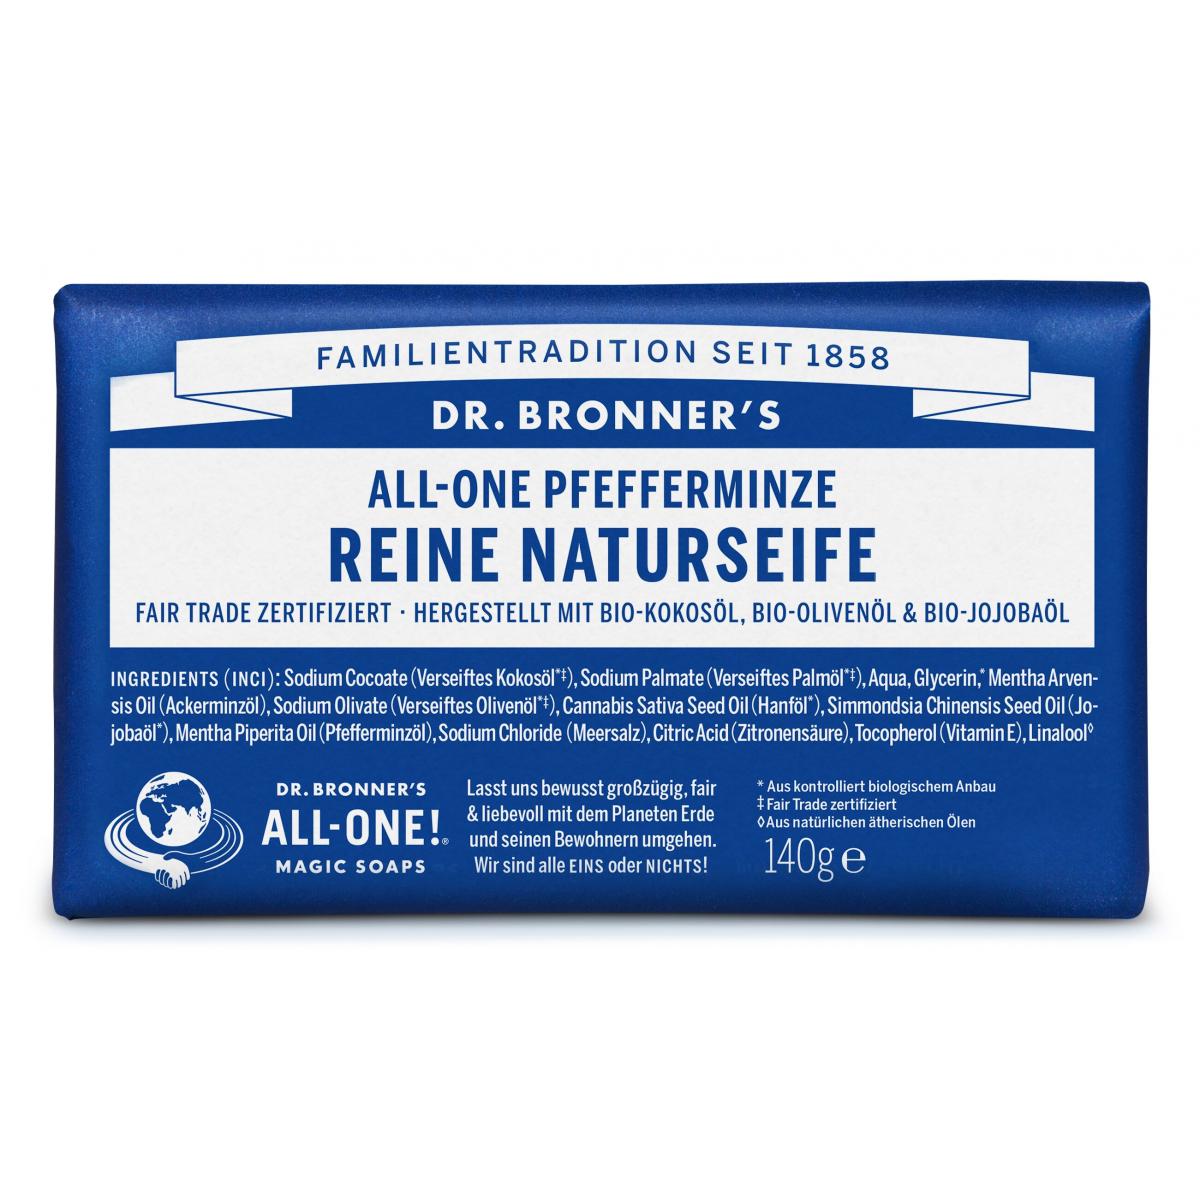 Dr. Bronner Seife Pfefferminze